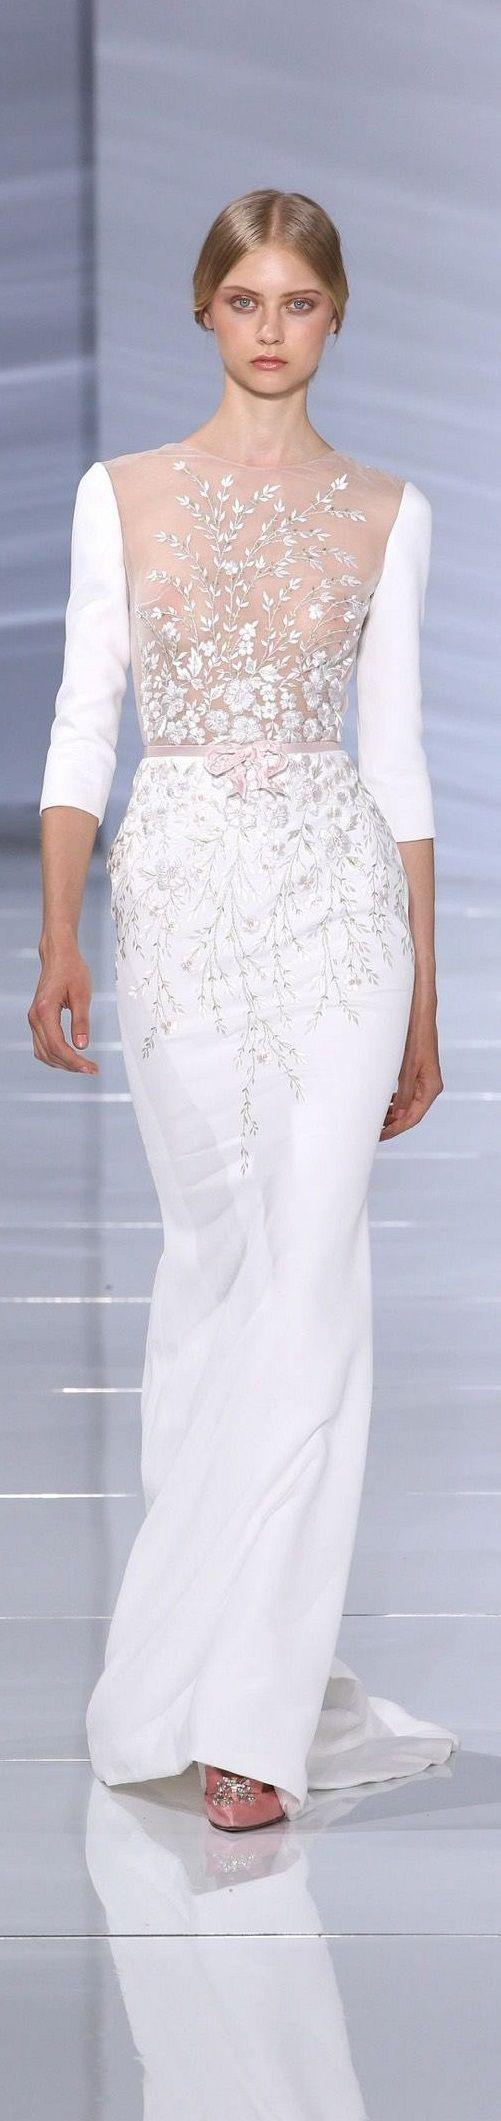 1273 besten Dresses Bilder auf Pinterest   Couture, Baumwolle ...